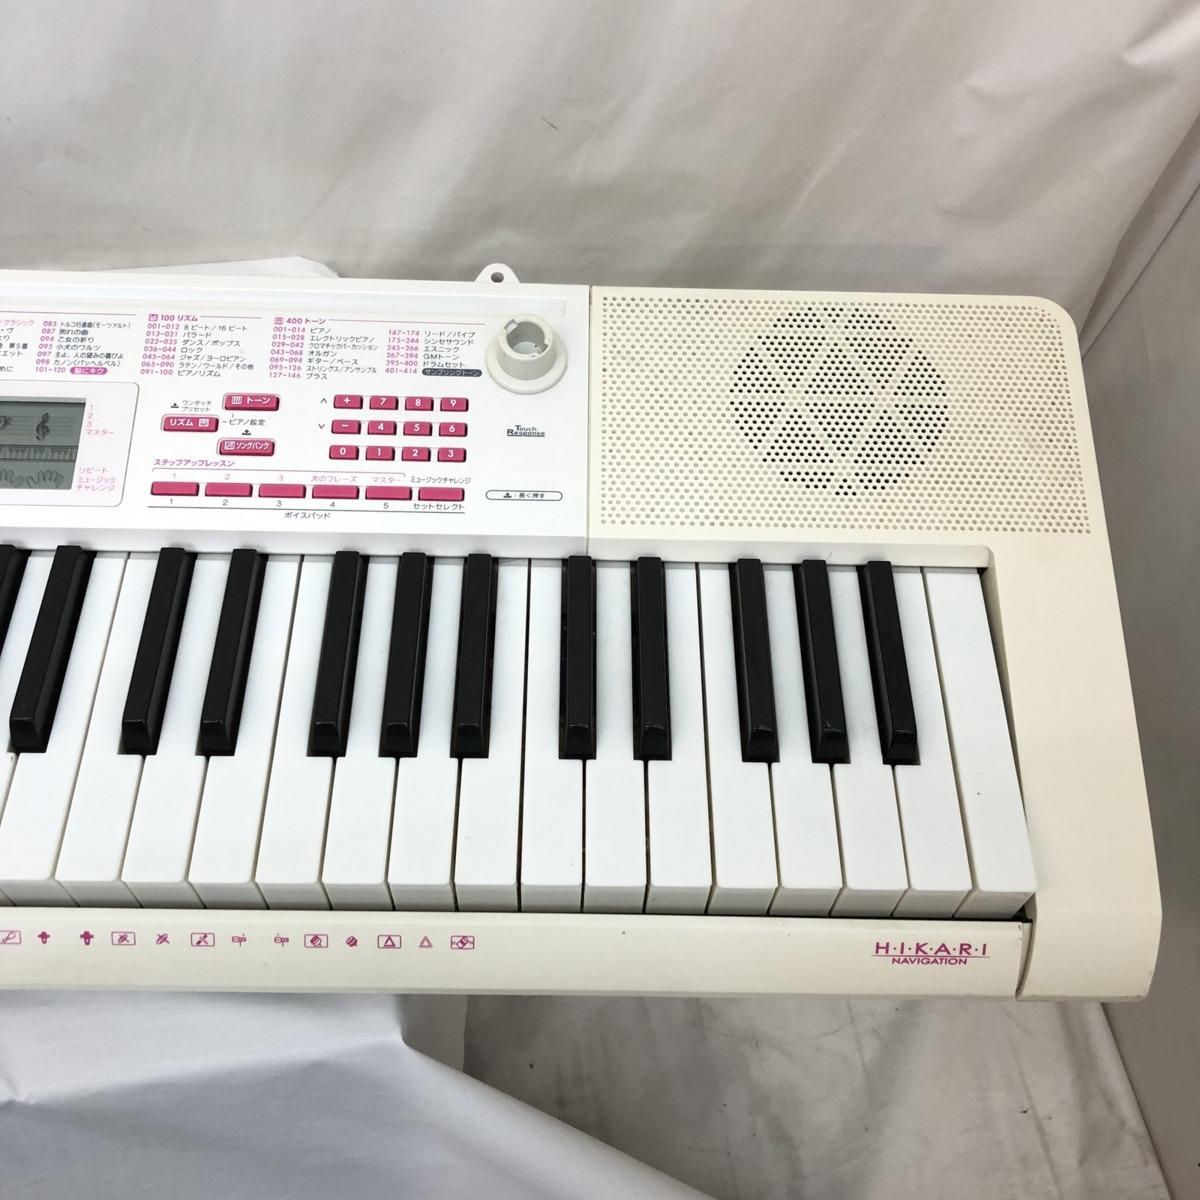 中古 CASIO カシオ 電子キーボード 光ナビゲーション LK-121 61鍵盤 電子ピアノ ホワイト ピンク 鍵盤楽器 アダプター付き H15423_画像7